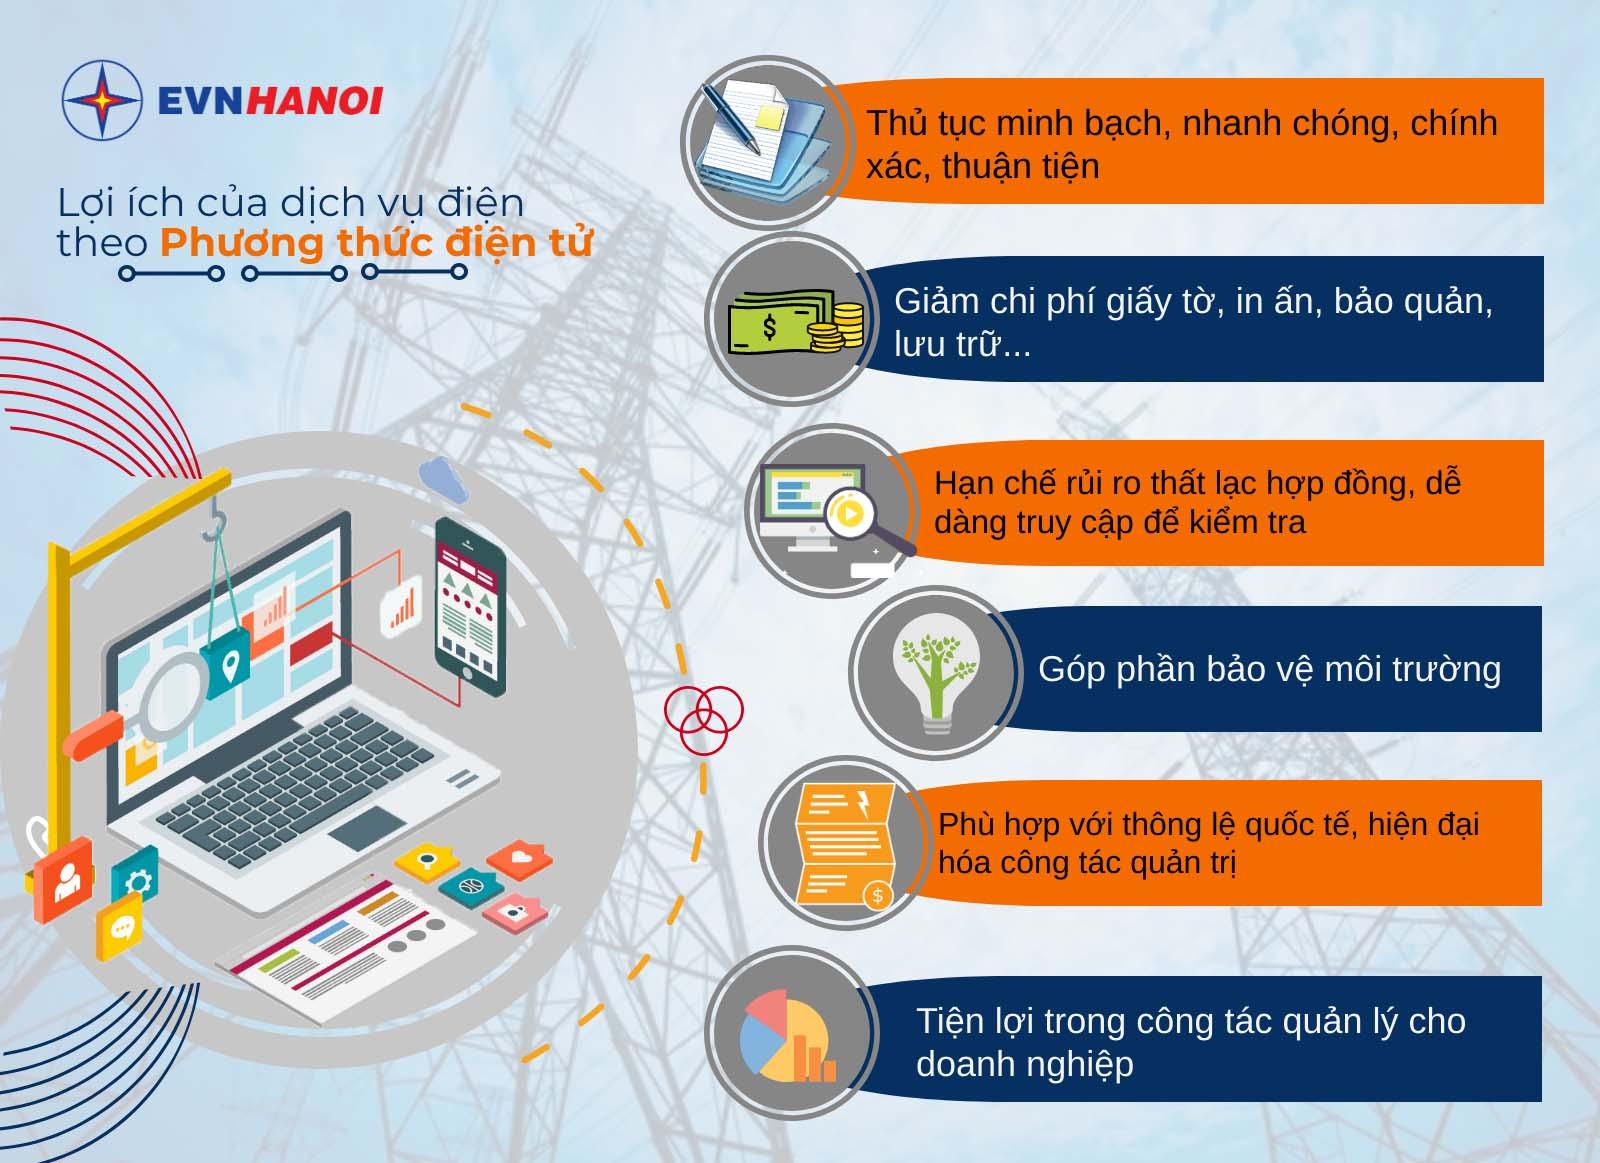 EVNHANOI khuyến khích khách hàng sử dụng các dịch vụ điện trực tuyến